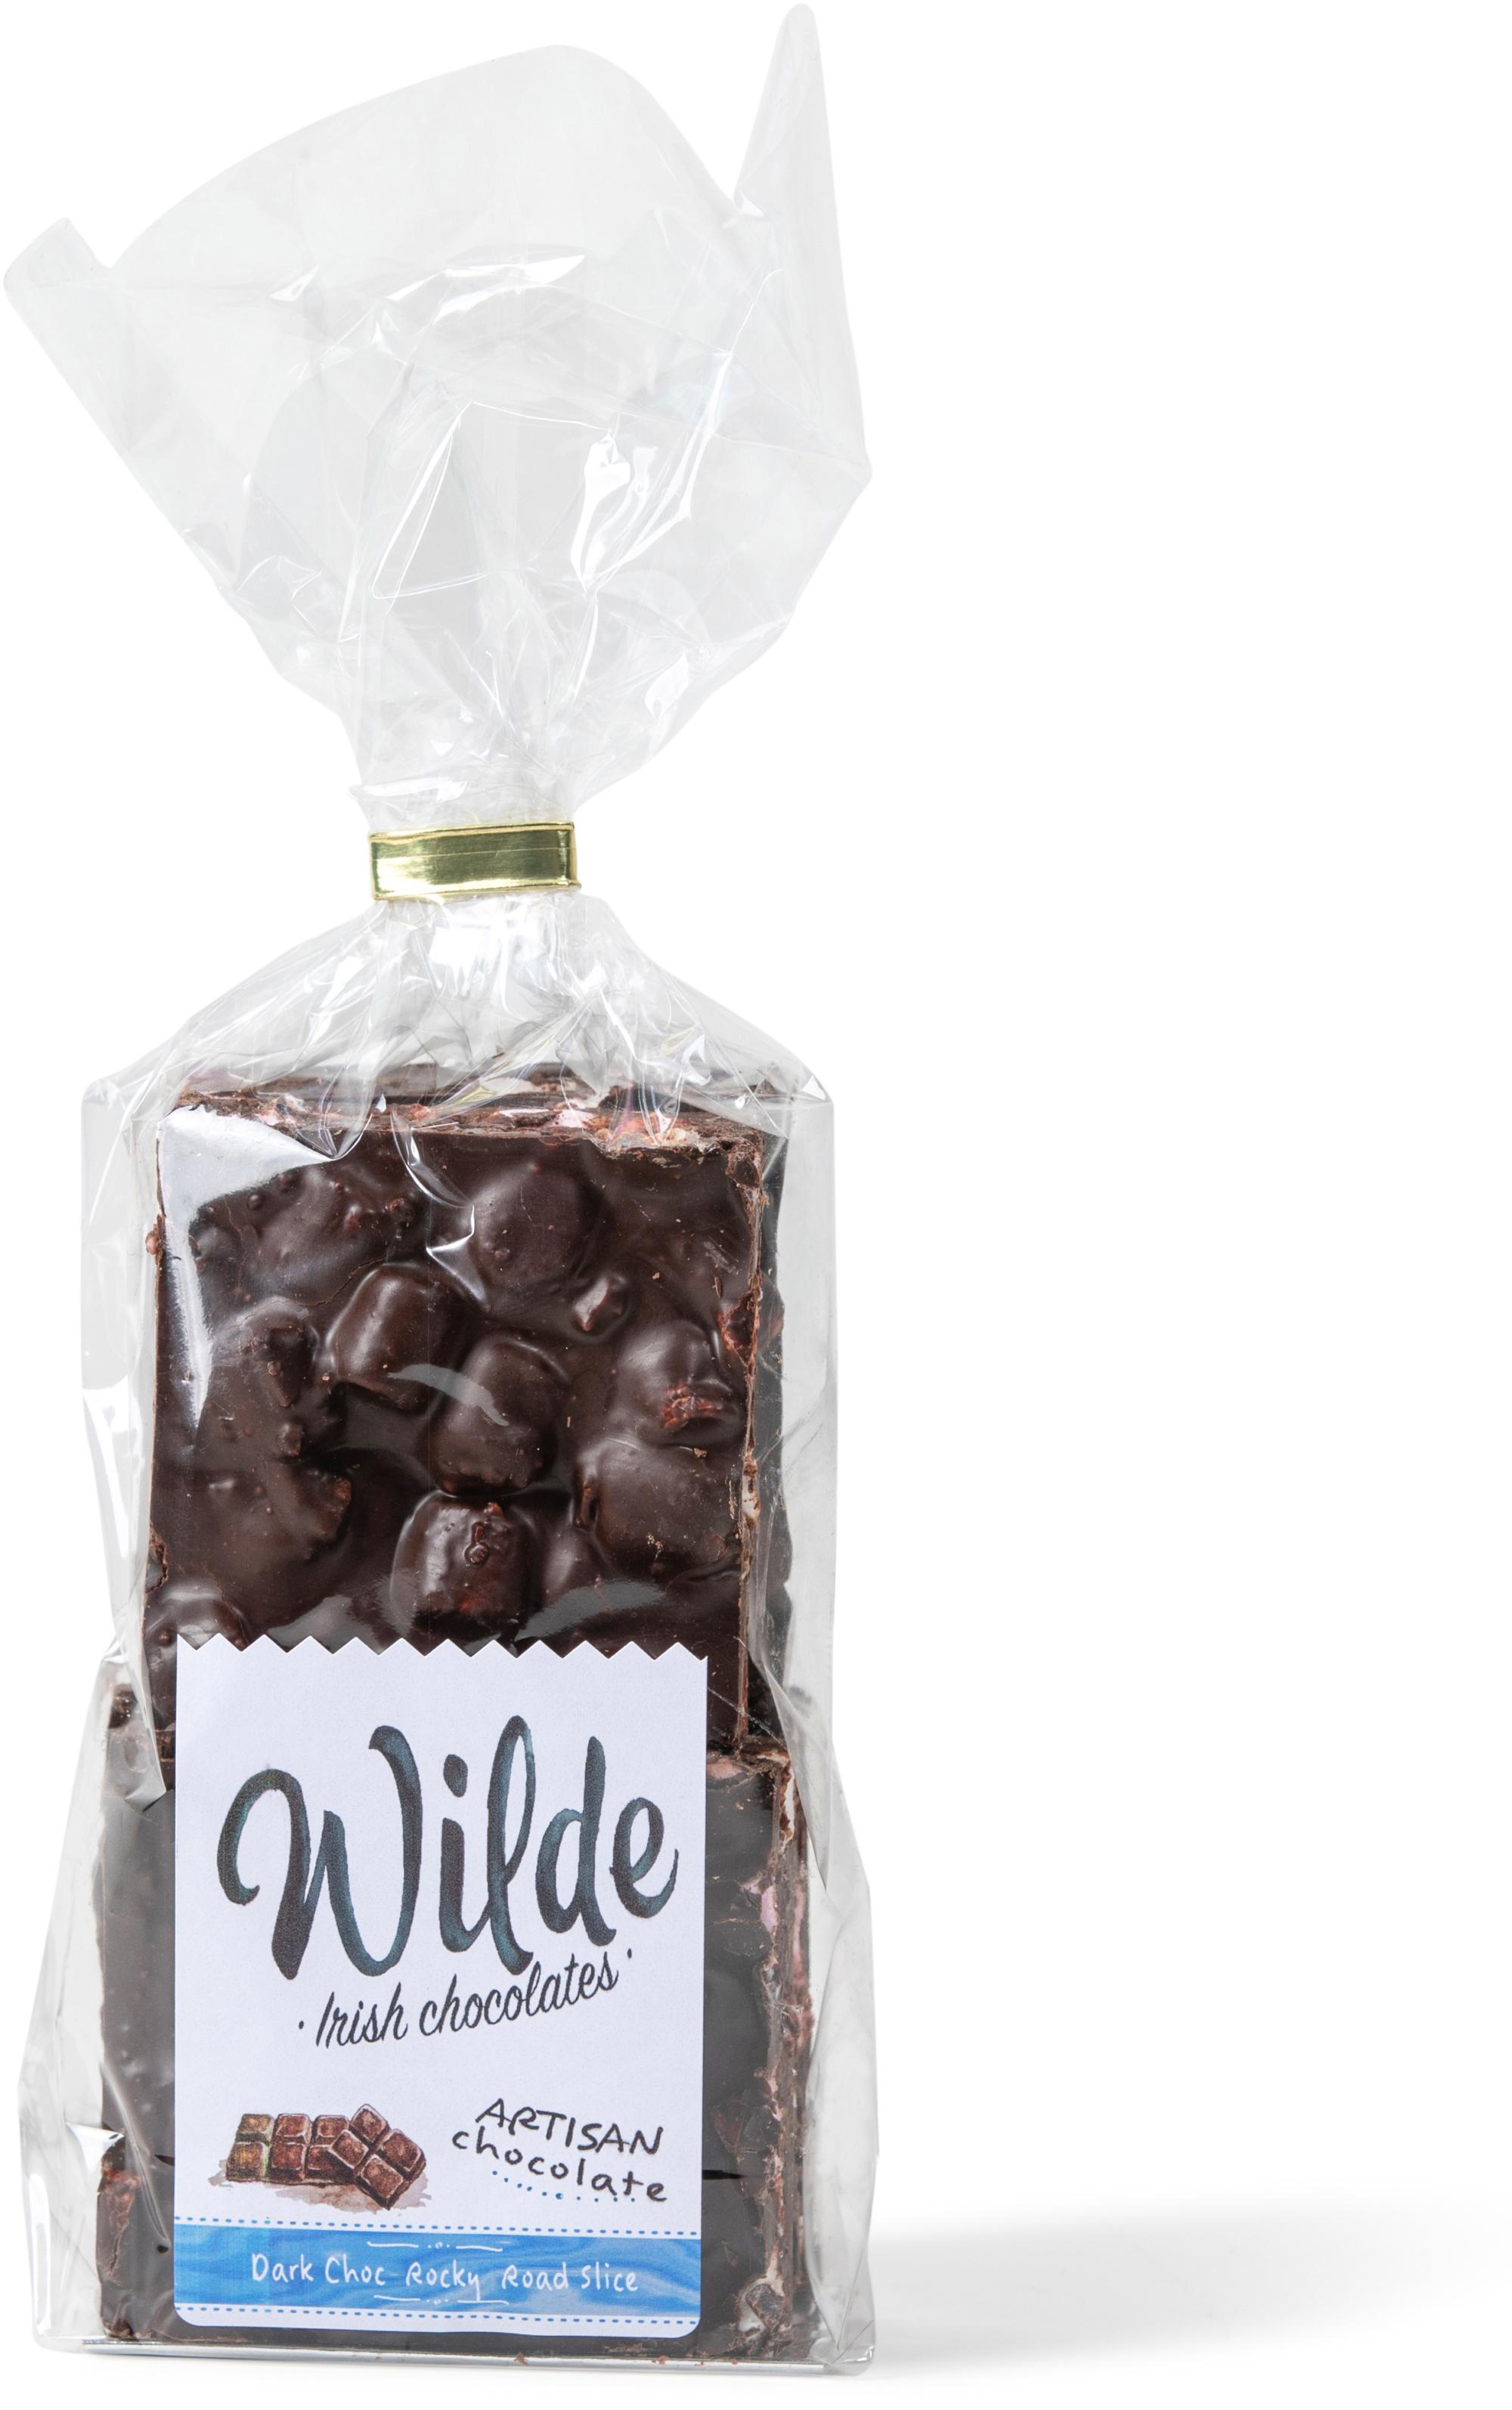 buy chocolate slice online - Wilde Irish Chocolates